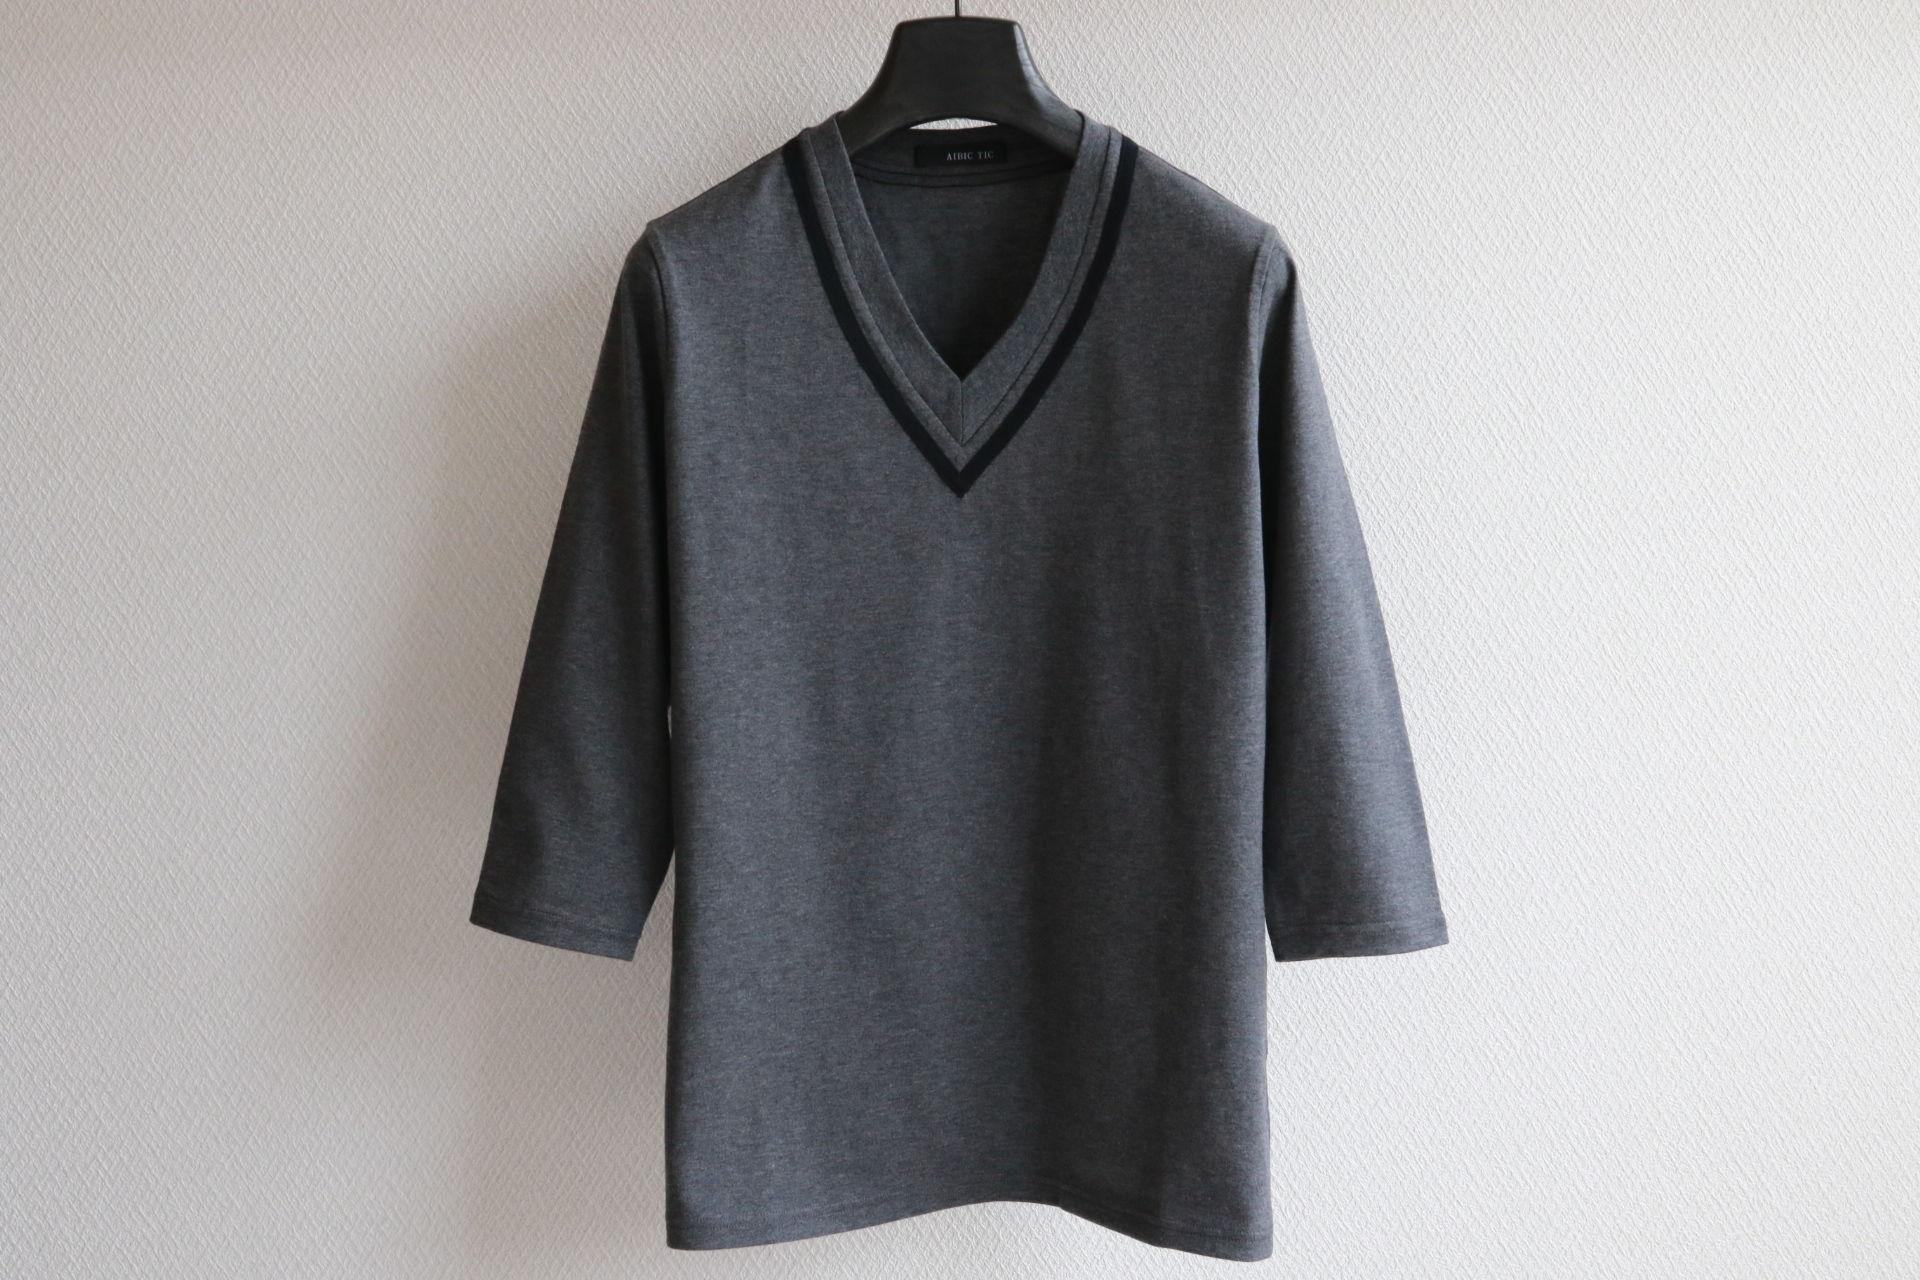 Vネックライン 七分袖カットソー CG